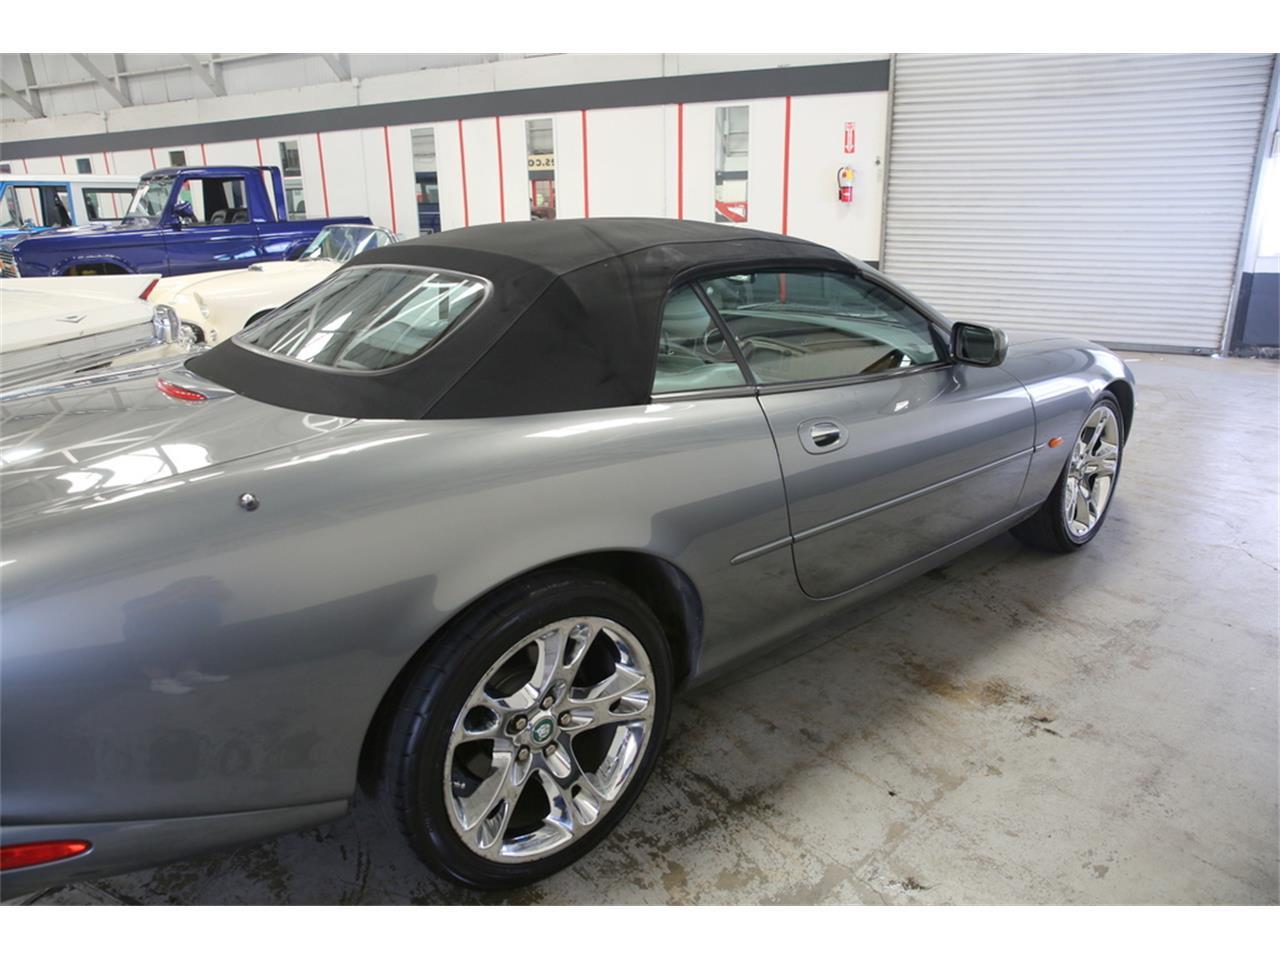 Large Picture of 2003 Jaguar XK8 located in California - $9,000.00 - LIP4